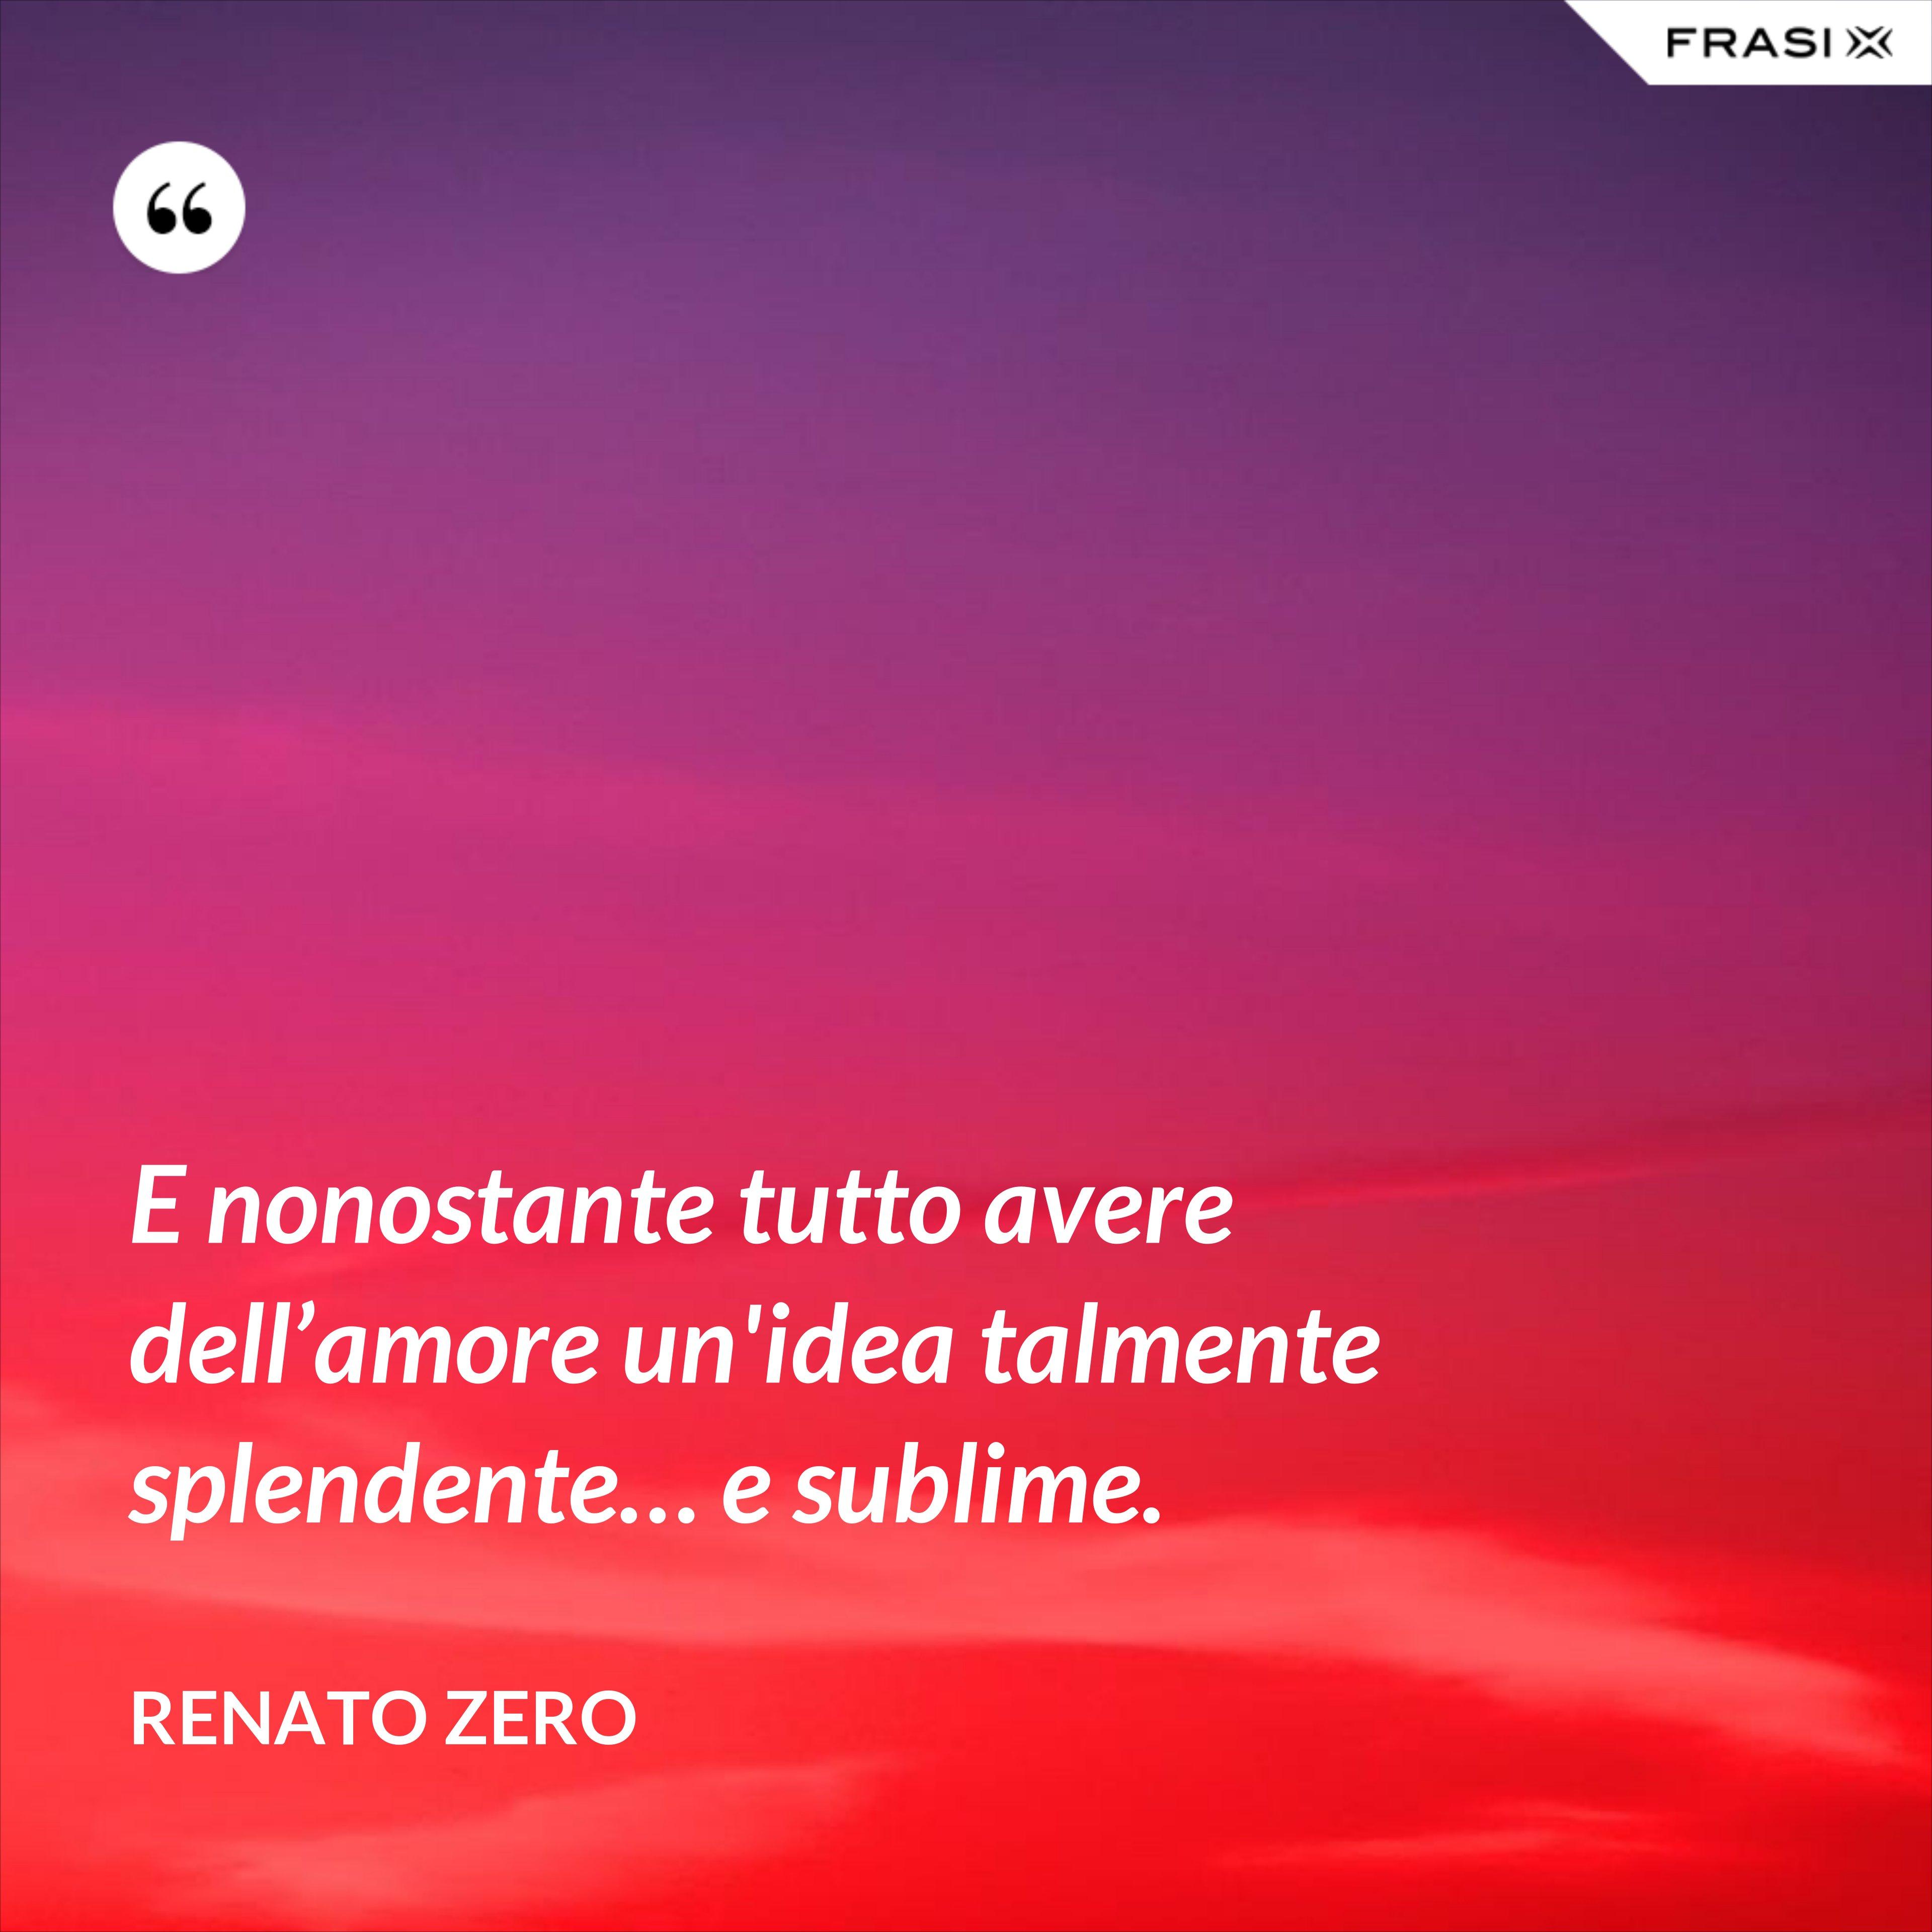 E nonostante tutto avere dell'amore un'idea talmente splendente… e sublime. - Renato Zero